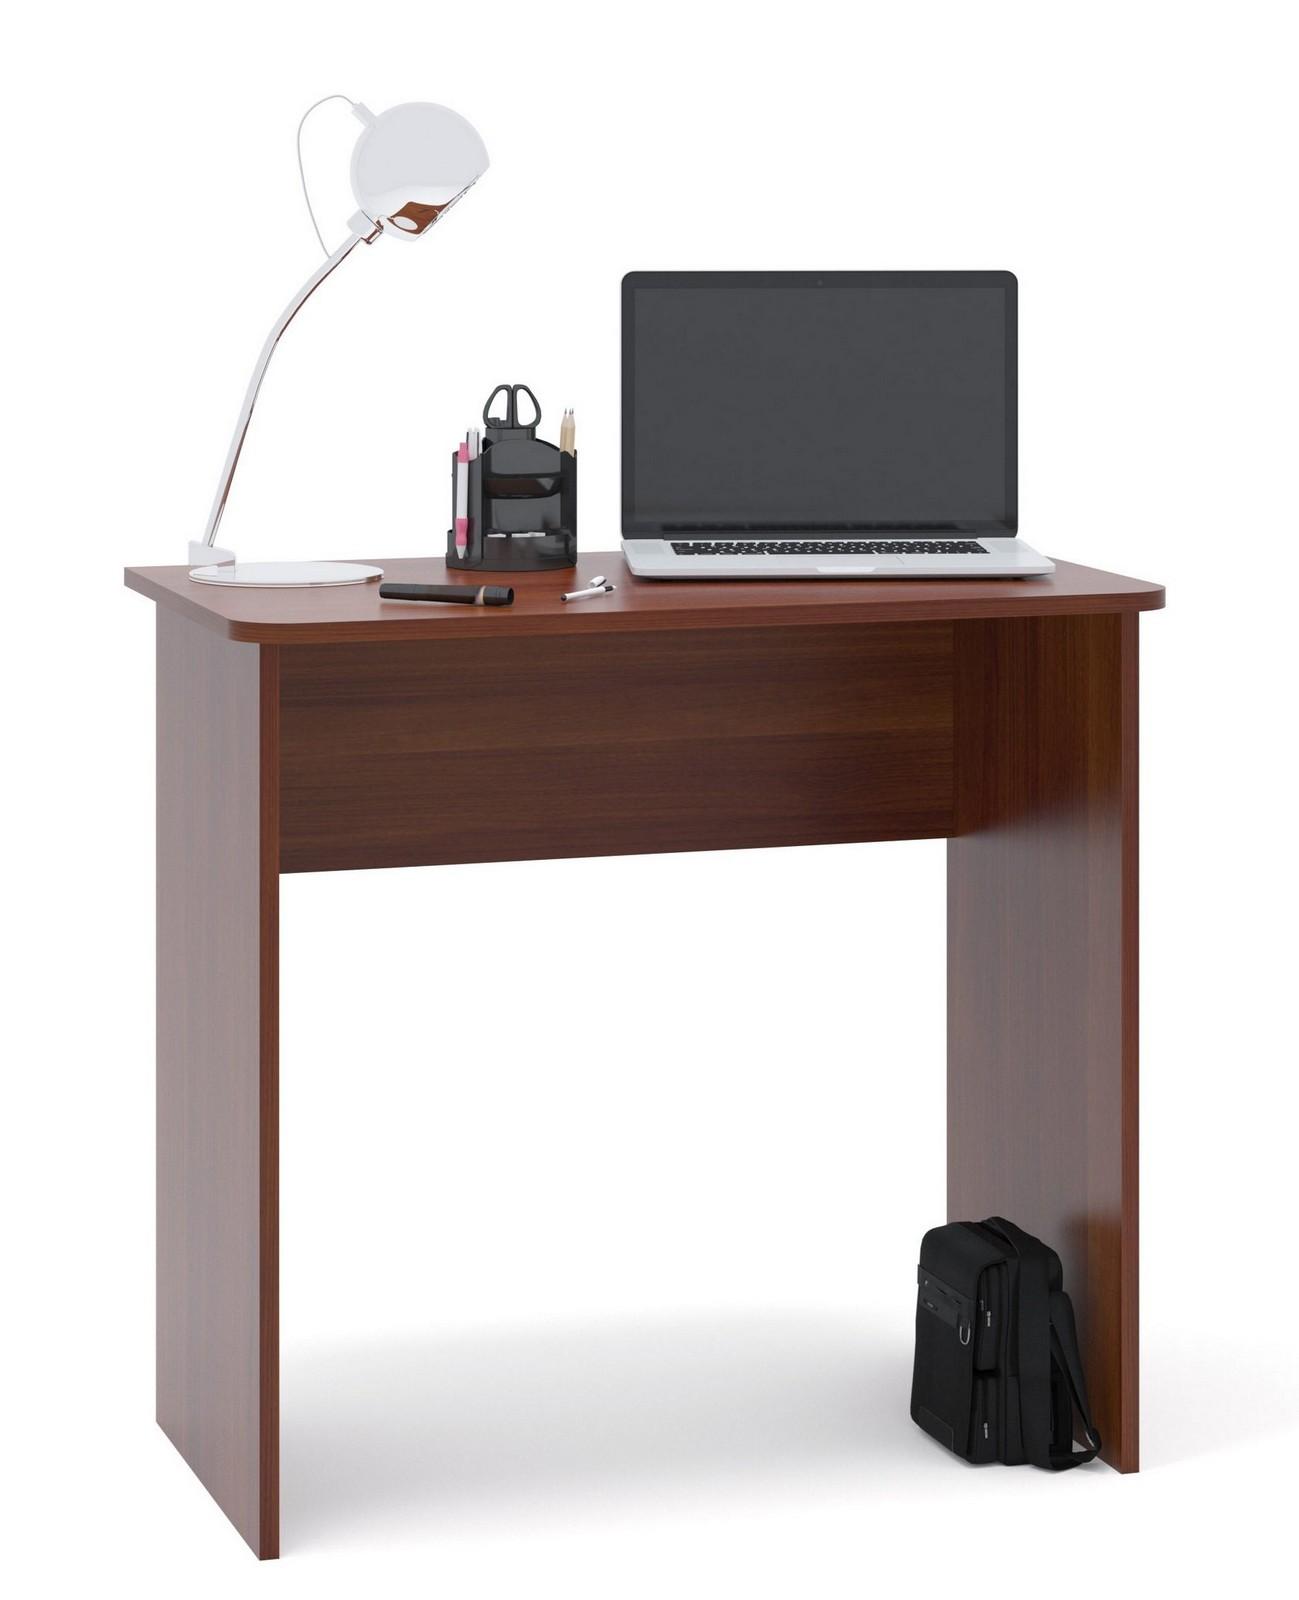 Письменный стол Сокол СПМ-08 Испанский орехПисьменные столы<br>Габаритные размеры ВхШхГ 740x800x446 мм. Небольшой письменный стол для работы или учебы.  Стол можно использовать как письменный или компьютерный.  Простая конструкция стола впишется в любой интерьер и не будет его загромождать лишними деталями. Столешница изготовлена из ЛДСП отечественного производства толщиной 16 мм, отделана кромкой ПВХ 2 мм.  Рекомендуем сохранить инструкцию по сборке (паспорт изделия) до истечения гарантийного срока.<br><br>Цвет: Испанский орех<br>Цвет: Красное дерево<br>Высота мм: 740<br>Ширина мм: 800<br>Глубина мм: 446<br>Кол-во упаковок: 1<br>Форма поставки: В разобранном виде<br>Срок гарантии: 2 года<br>Тип: Прямые<br>Материал: Деревянные, из ЛДСП<br>Размер: Маленькие, Шириной 80 см<br>Стиль: Современный, Модерн